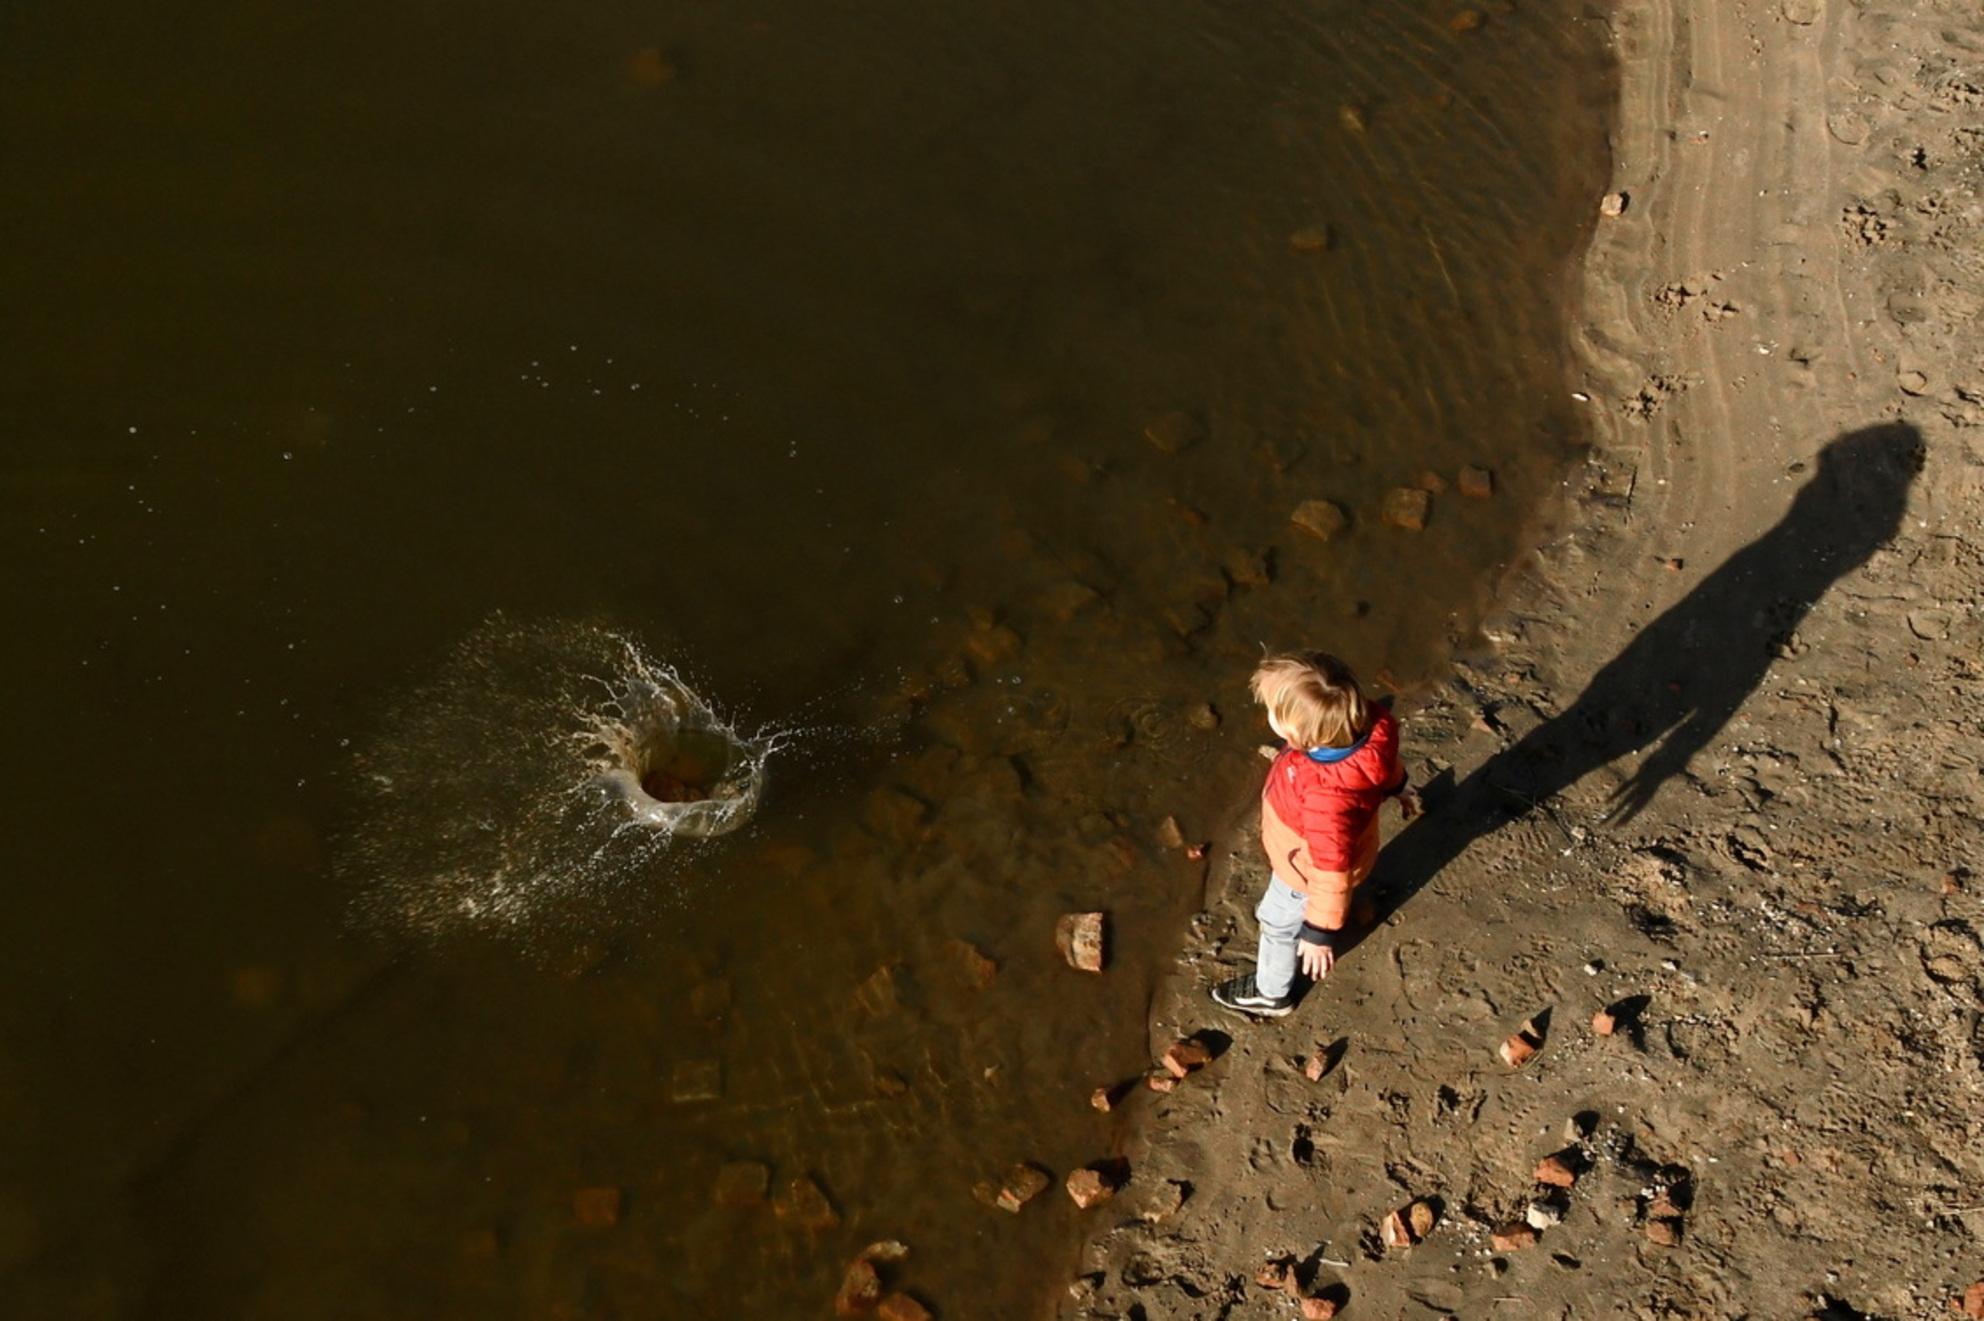 Stenen gooien in het water - Naar het uitkijkpunt bij Fort Blauwesluis om vogels te spotten, maar met zoveel plezier gekeken naar een vader met zijn zoontje, die eindeloos stenen - foto door Dieke Steeg op 28-02-2021 - deze foto bevat: mensen, rood, kleur, water, druppel, licht, kind, jongen, maas, stenen, beweging